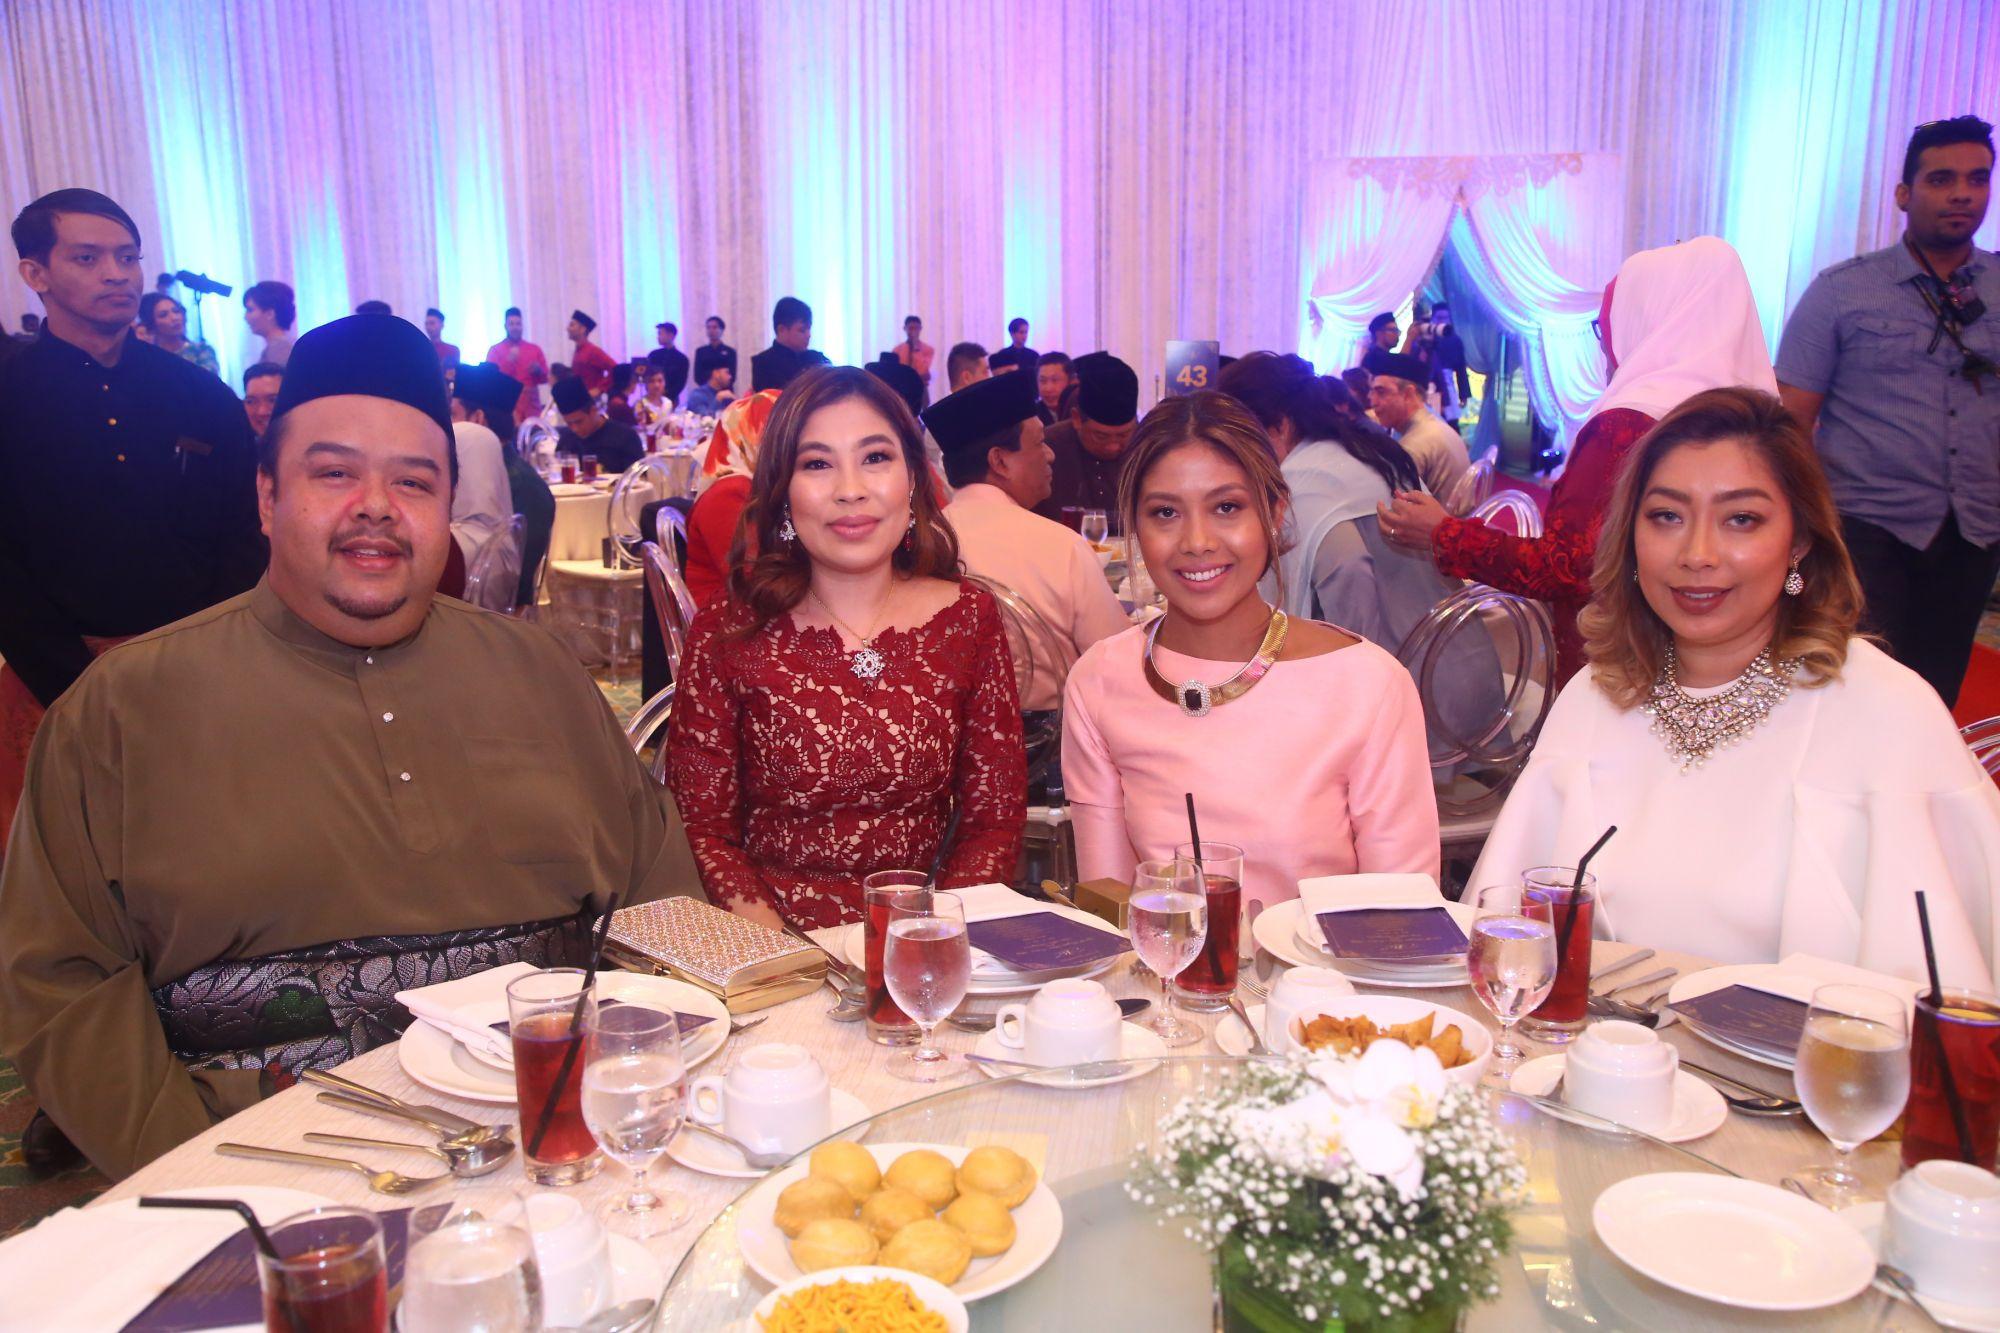 Yazuan Yatm, Maizura, Malisa and Maizira Muhd